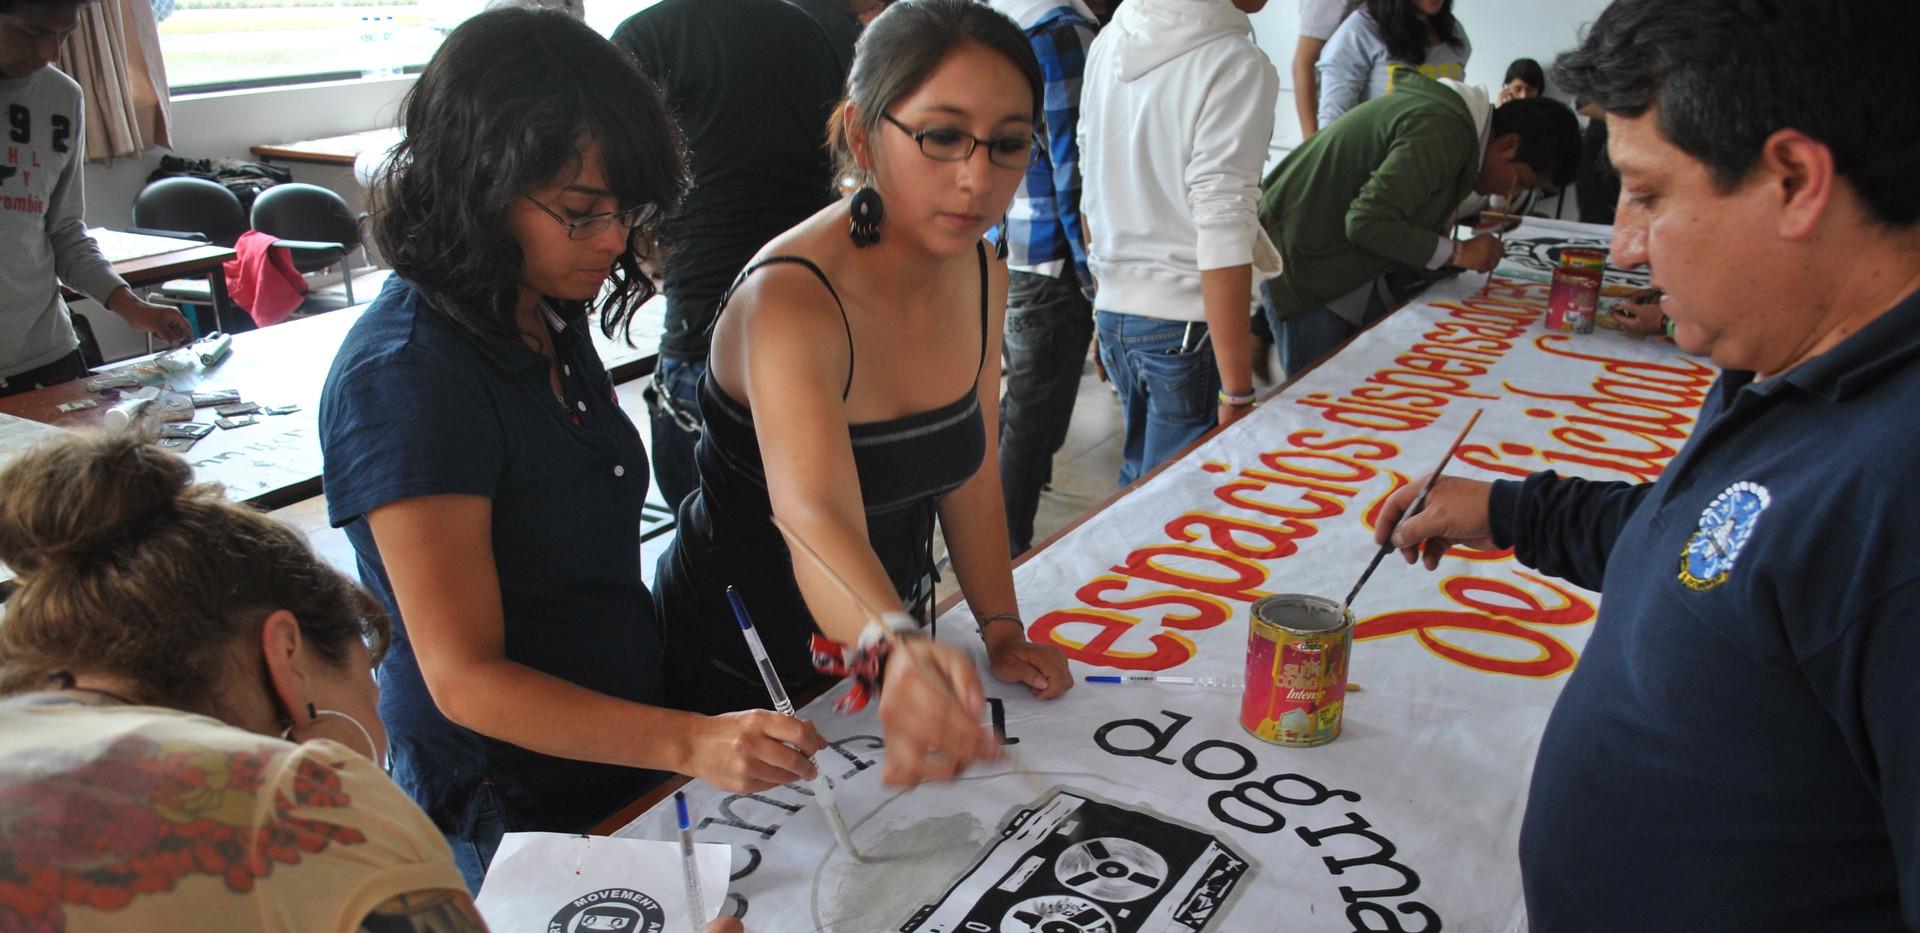 Sign Painting in Ecuador